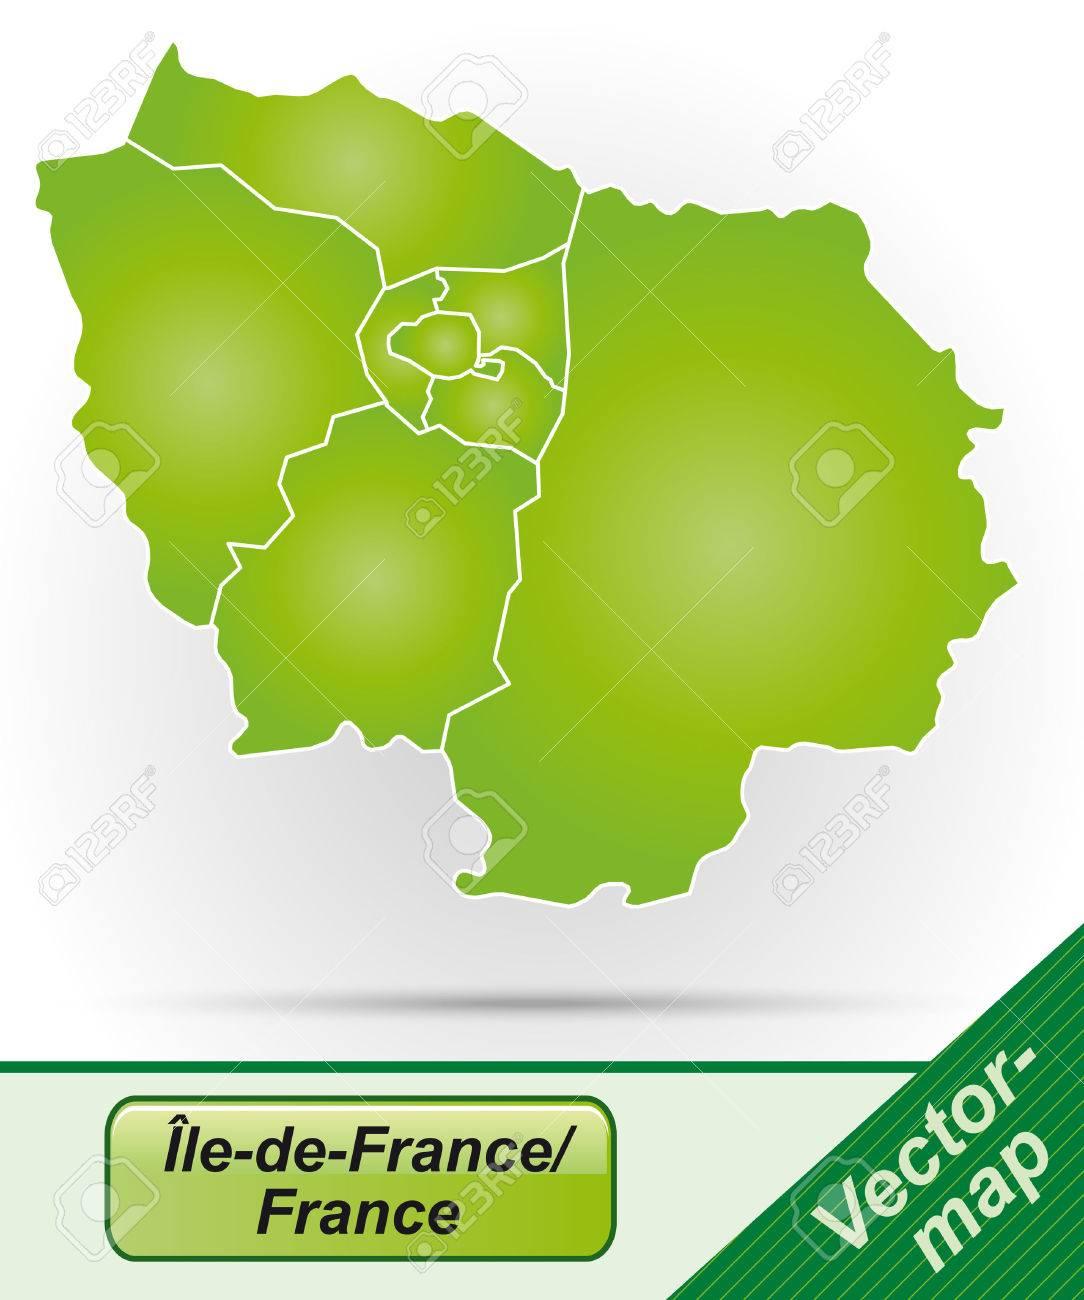 Karte Von Ile De France Mit Rahmen In Grun Lizenzfrei Nutzbare Vektorgrafiken Clip Arts Illustrationen Image 25155104